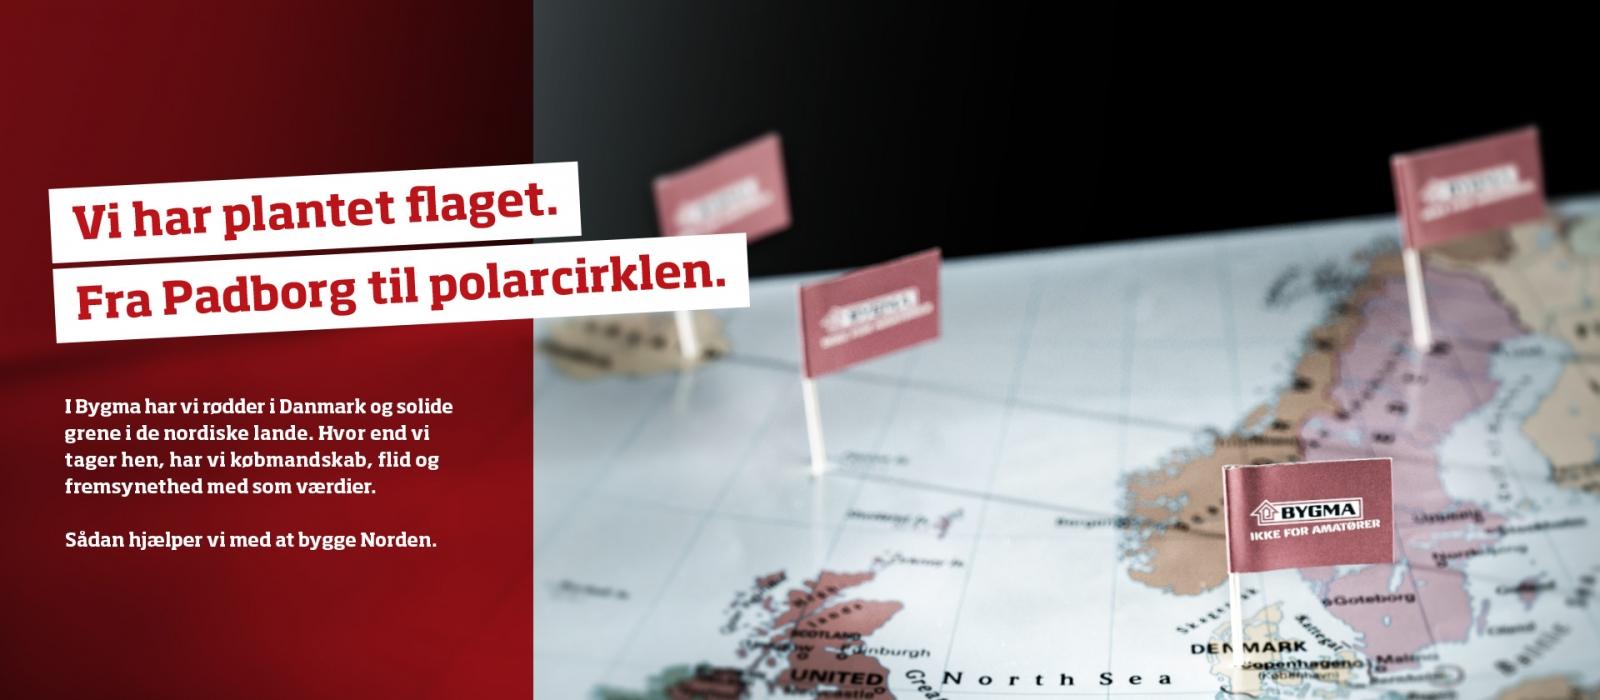 tdc taletidskort optankning frække danske kvinder